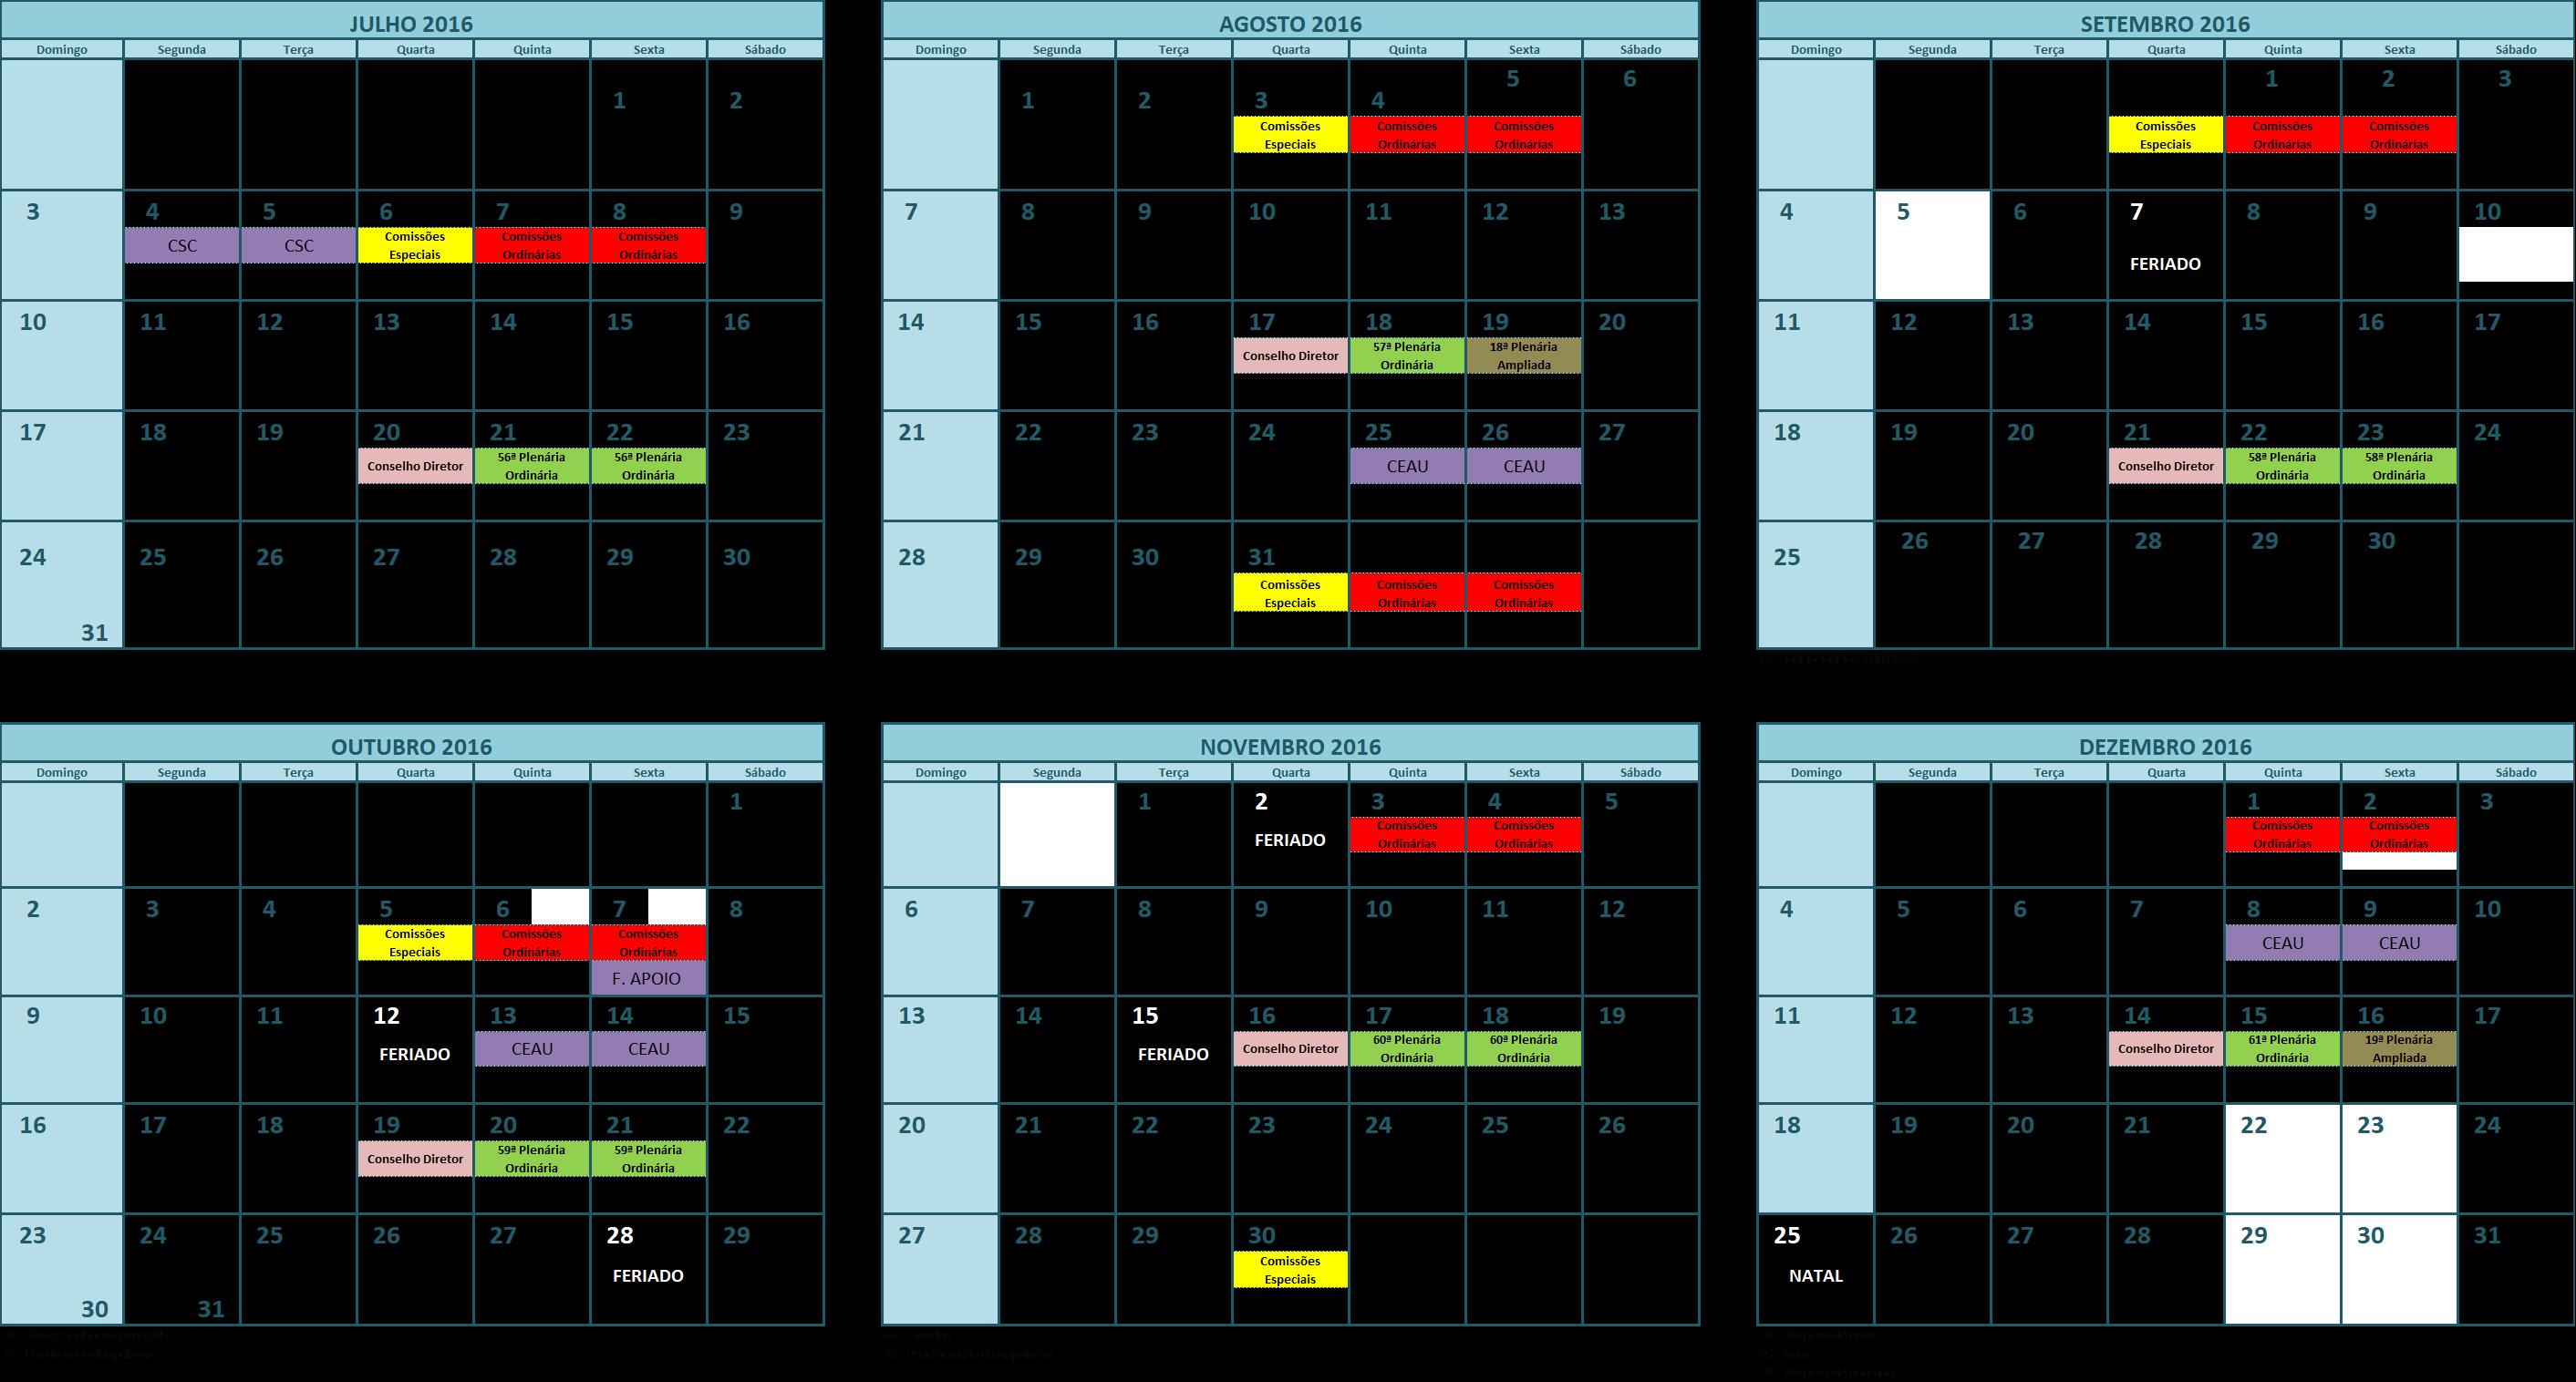 caubr-calendario-2016-jul-dez